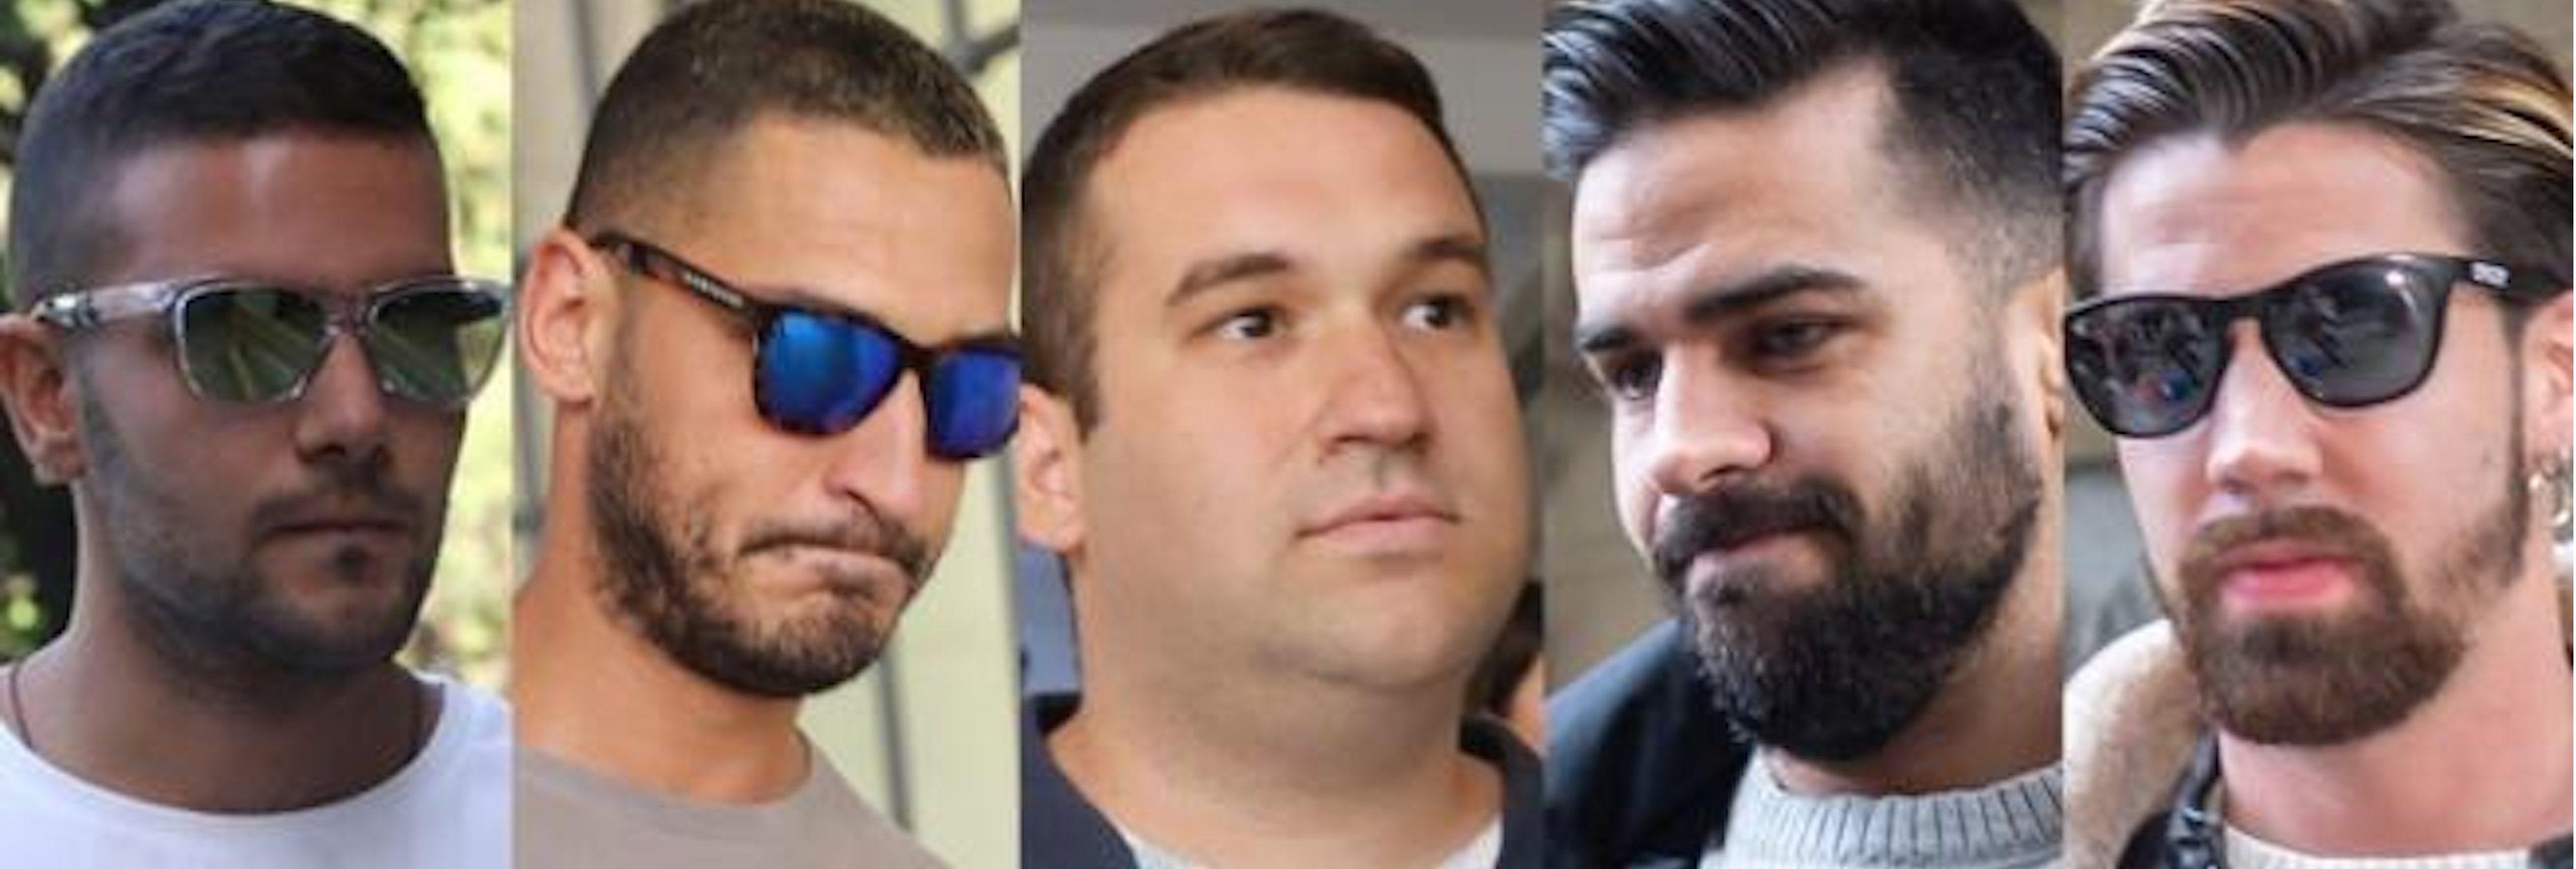 Los miembros de 'La Manada', separados: estas son las cinco cárceles donde cumplirán condena